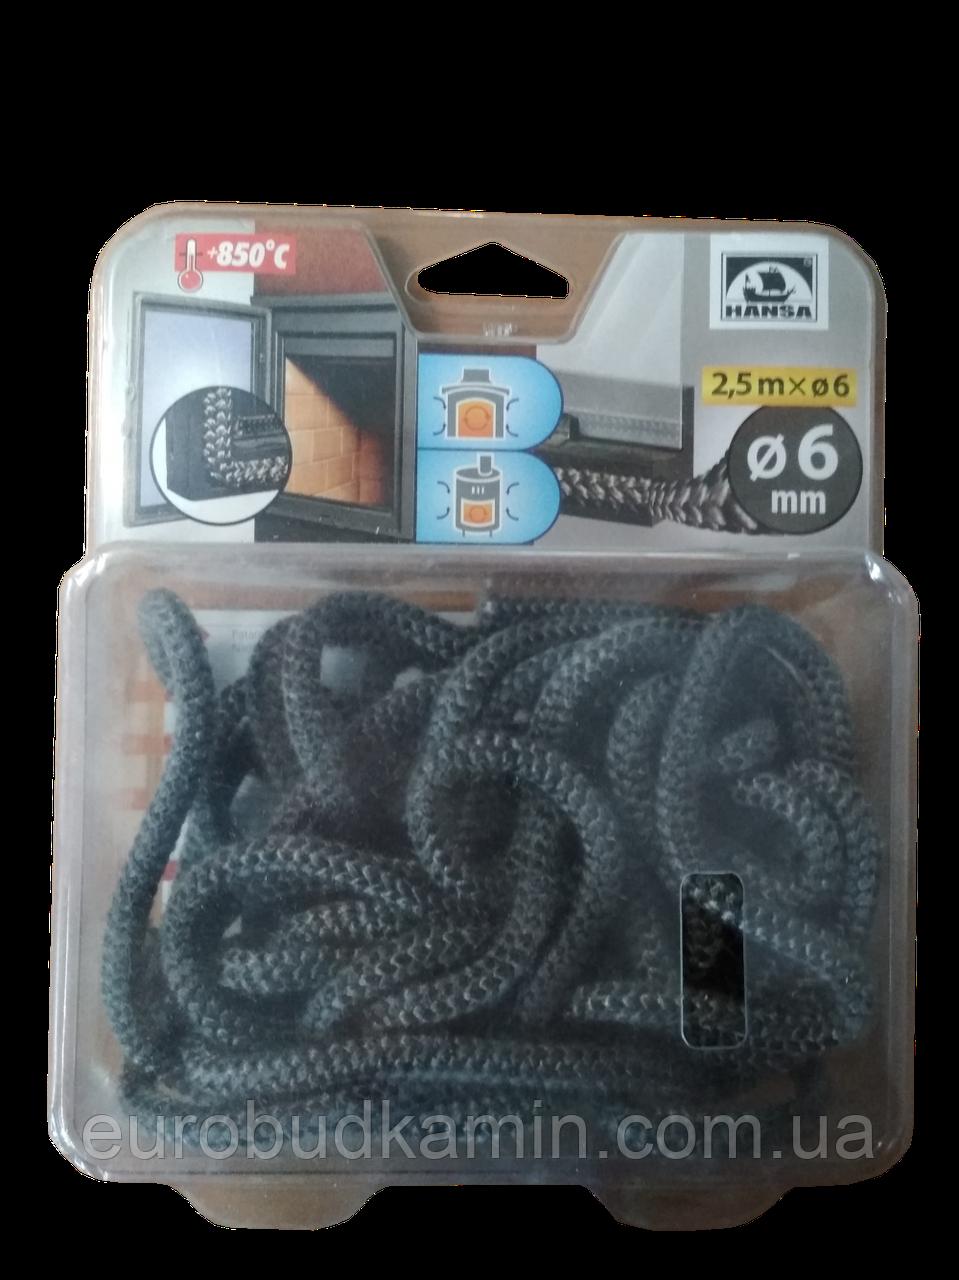 Шнур из керамического волокна Hansa 6мм.,длина 2.5м.